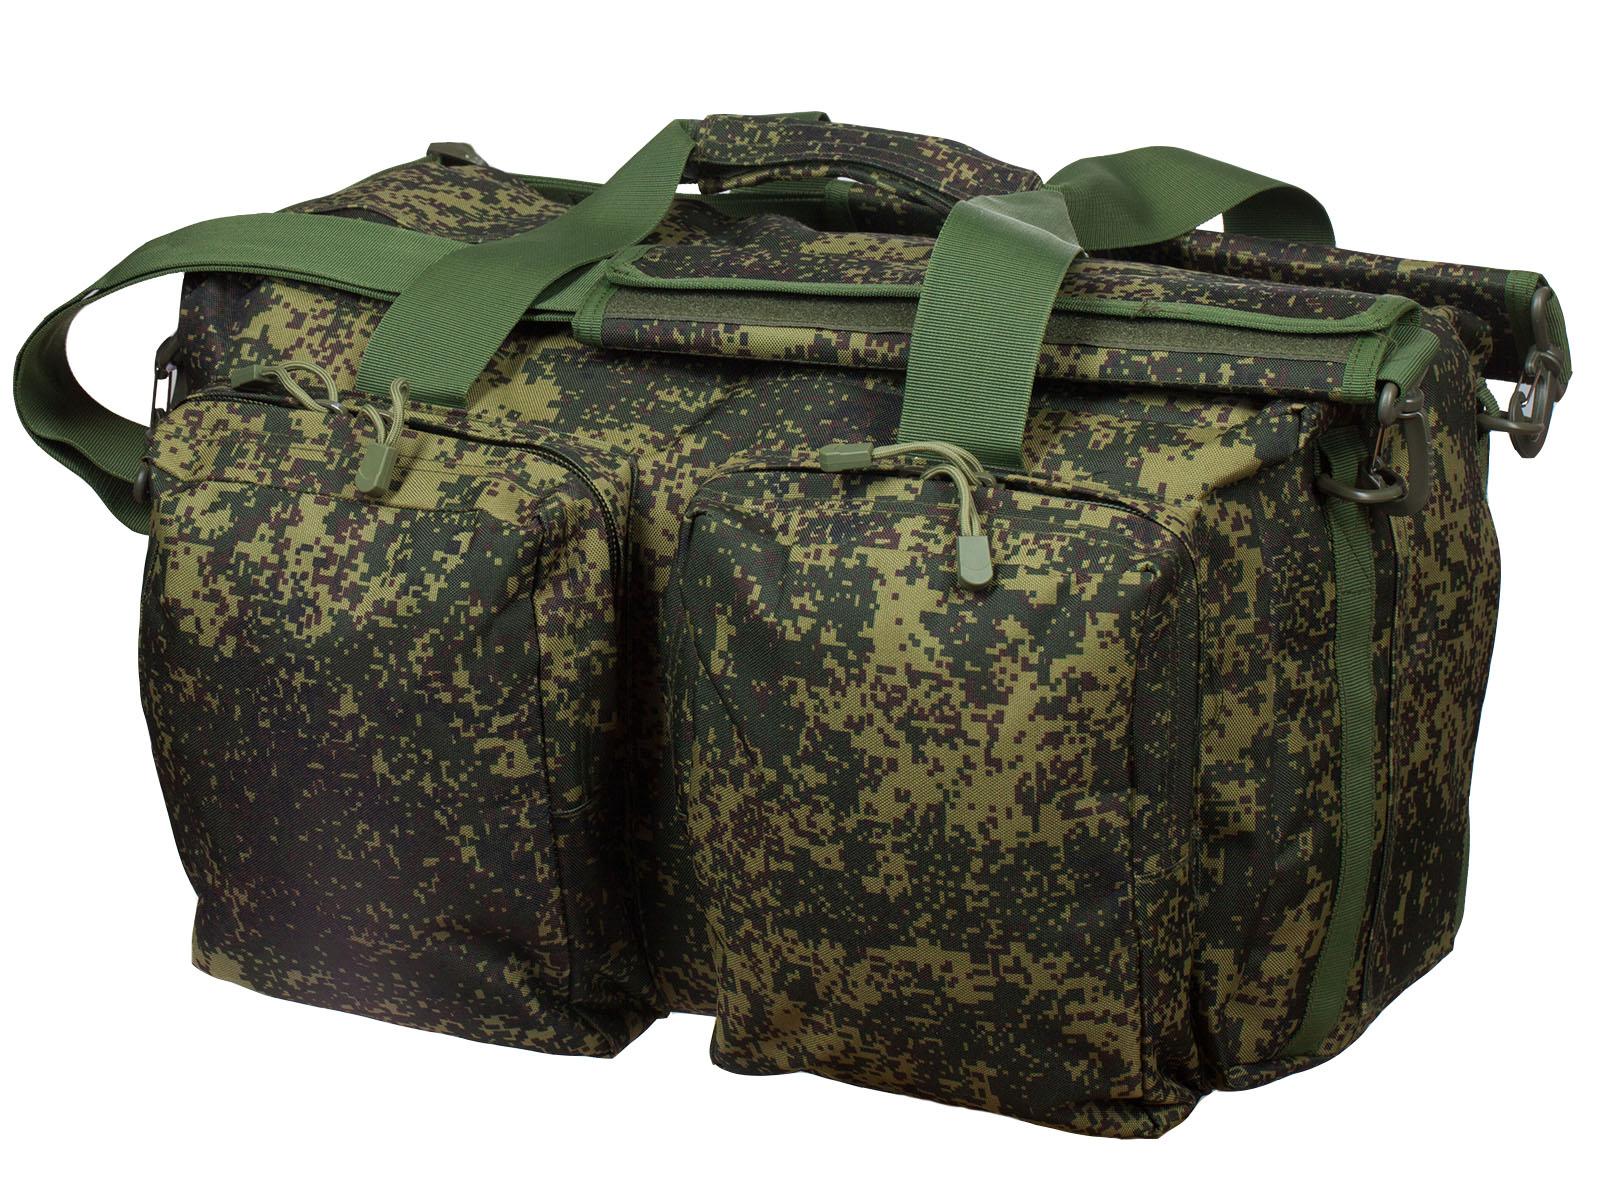 Тактическая камуфляжная сумка с нашивкой Ни пуха, Ни пера - купить оптом